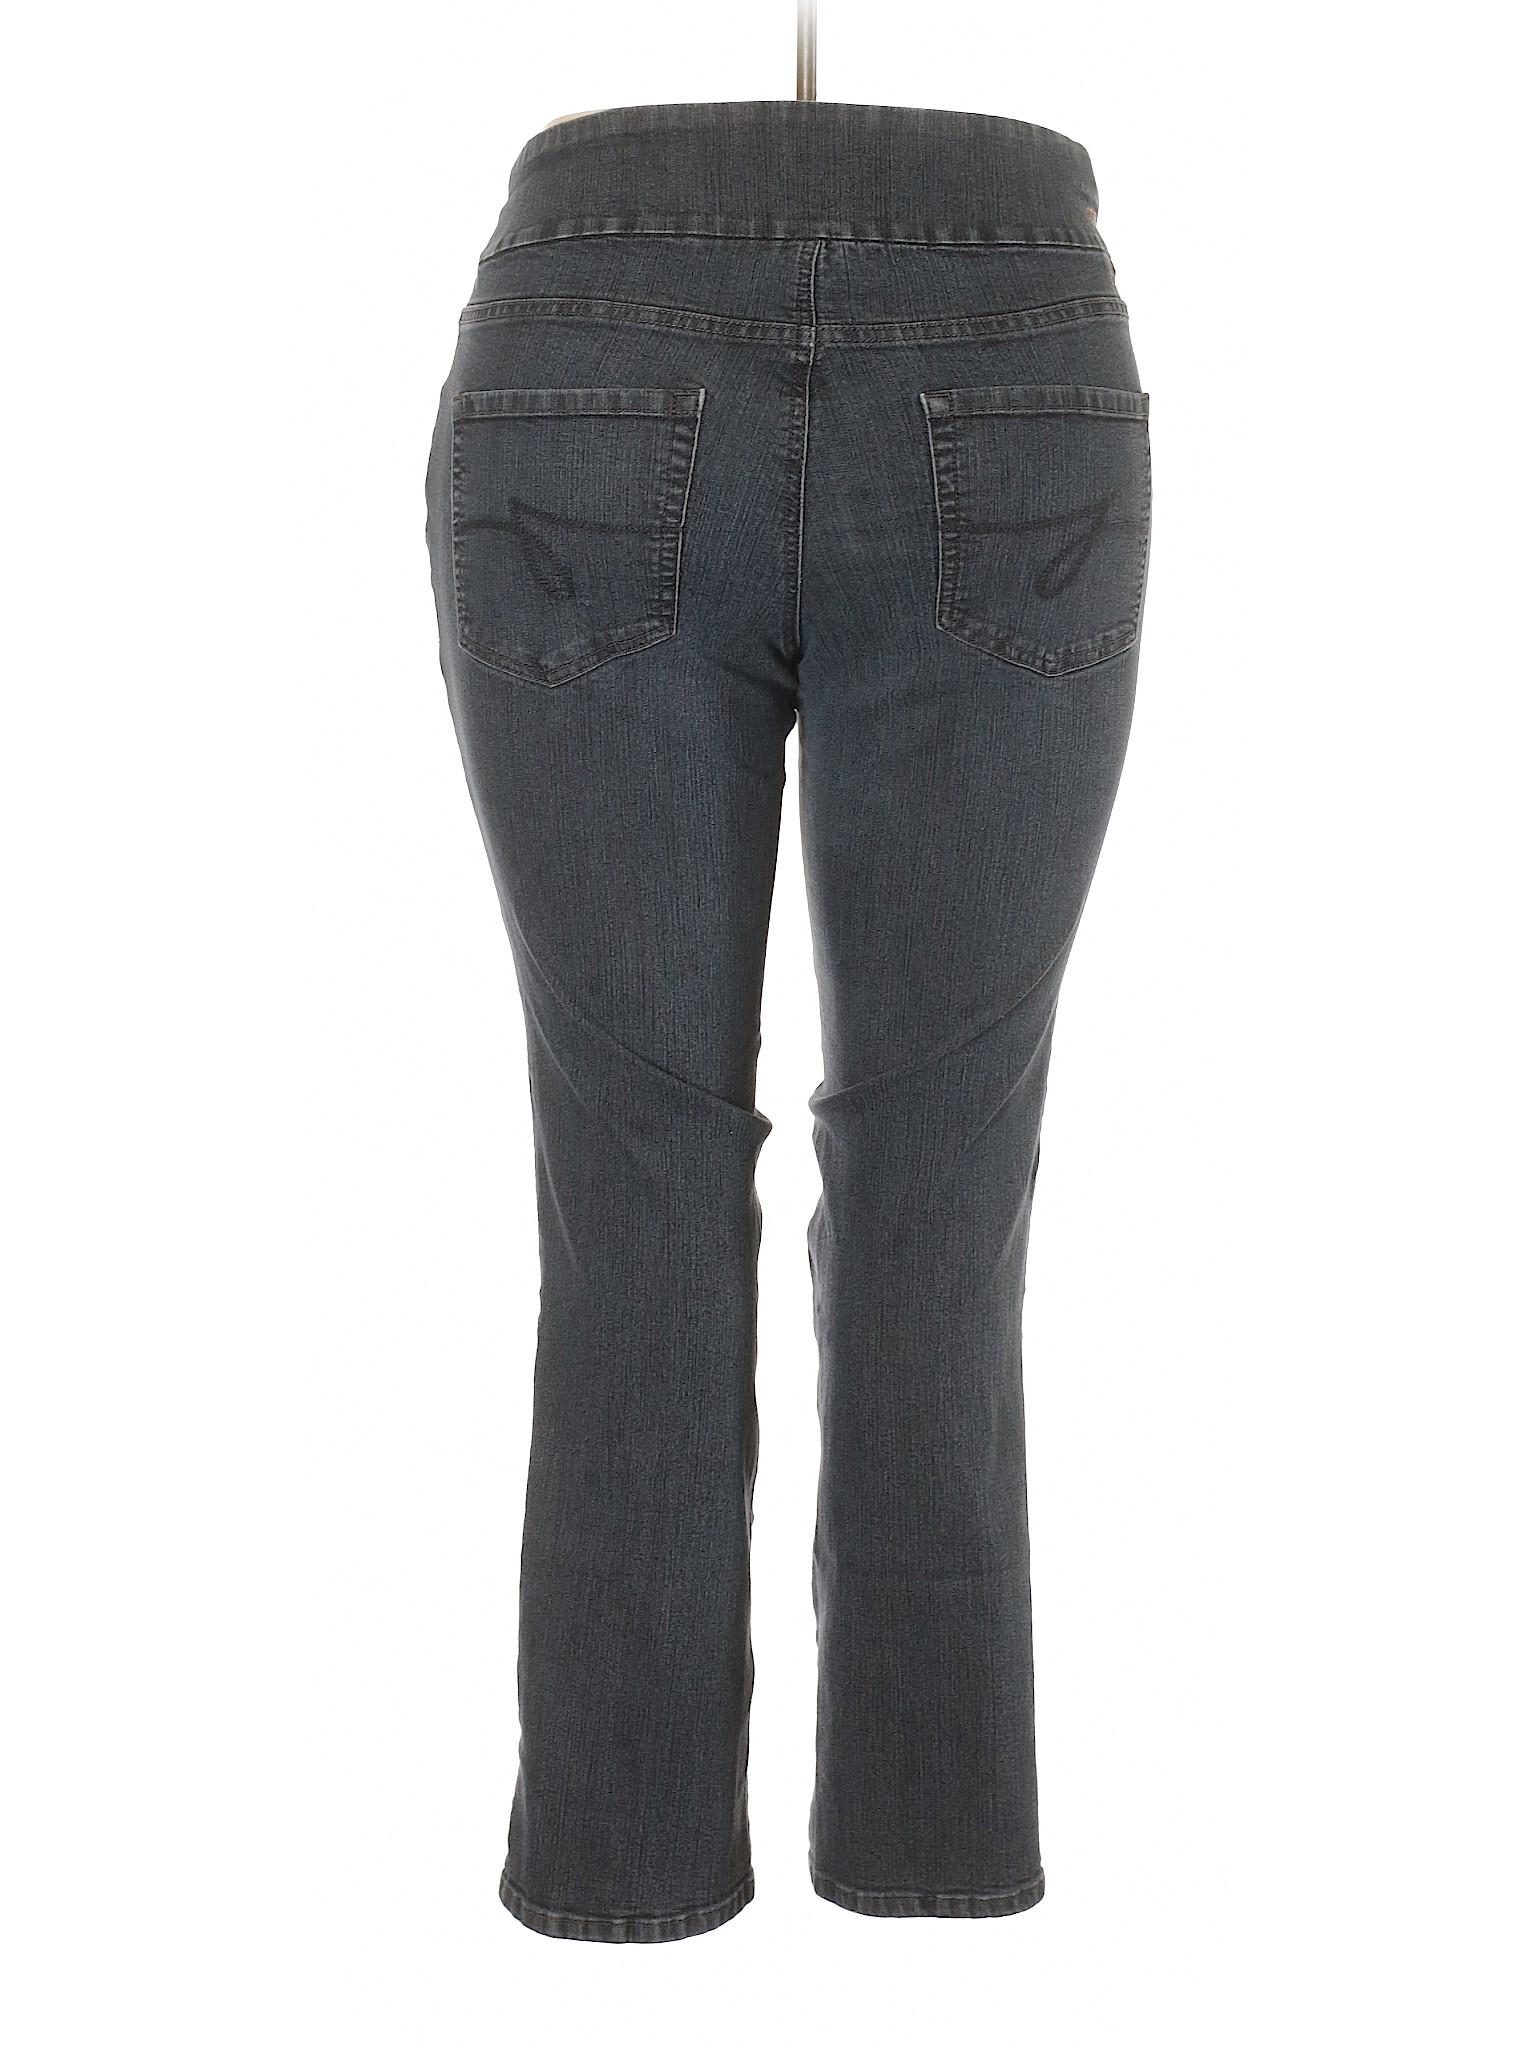 Jag Jeans Jag Promotion Promotion Jeans Promotion Jag aHPzPq